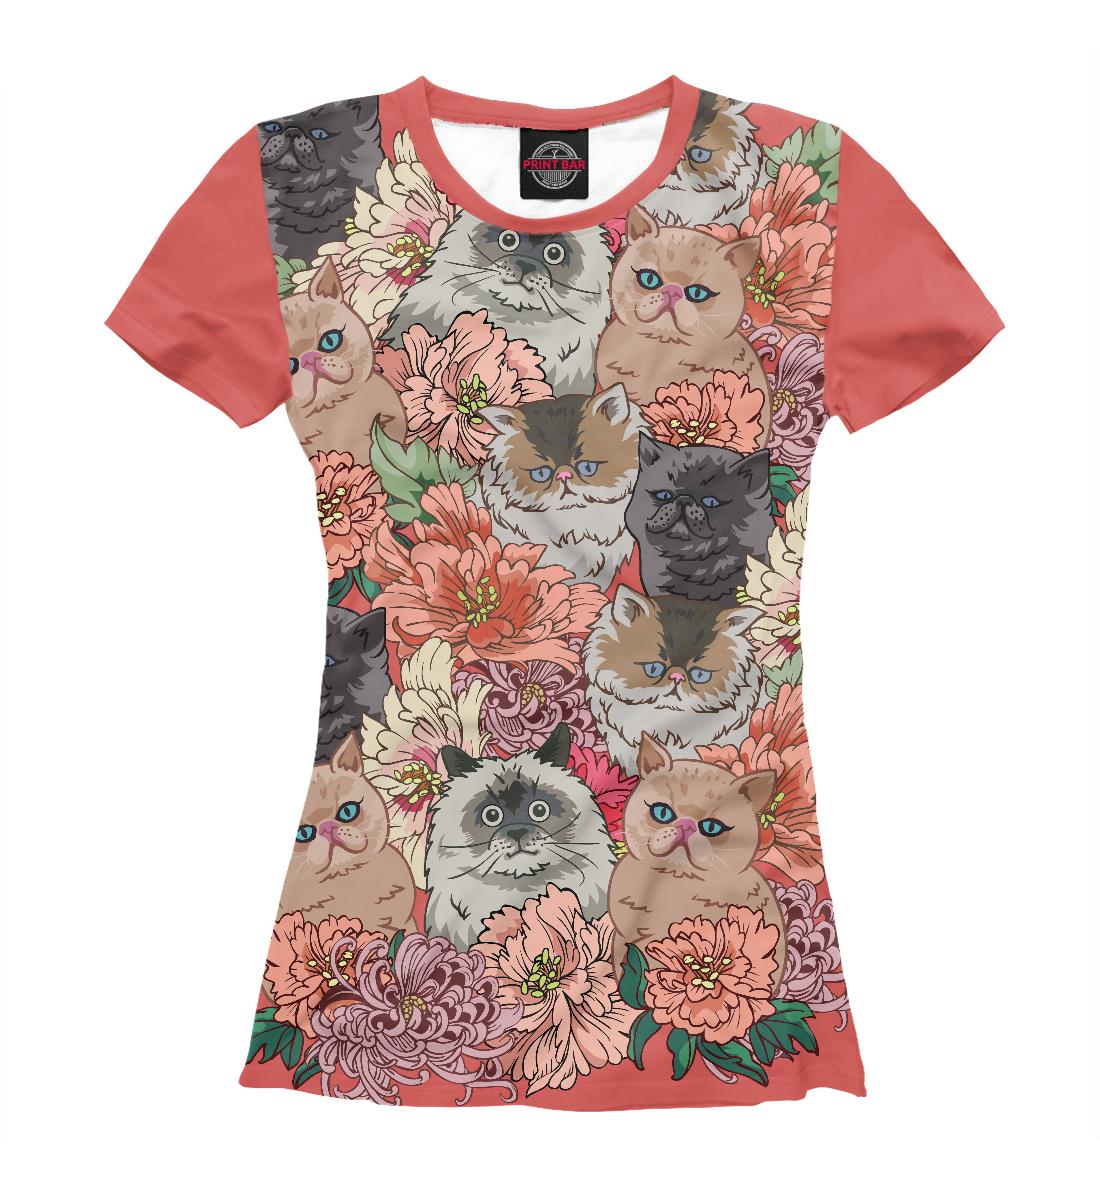 Купить Коты в цветах, Printbar, Футболки, CAT-759368-fut-1